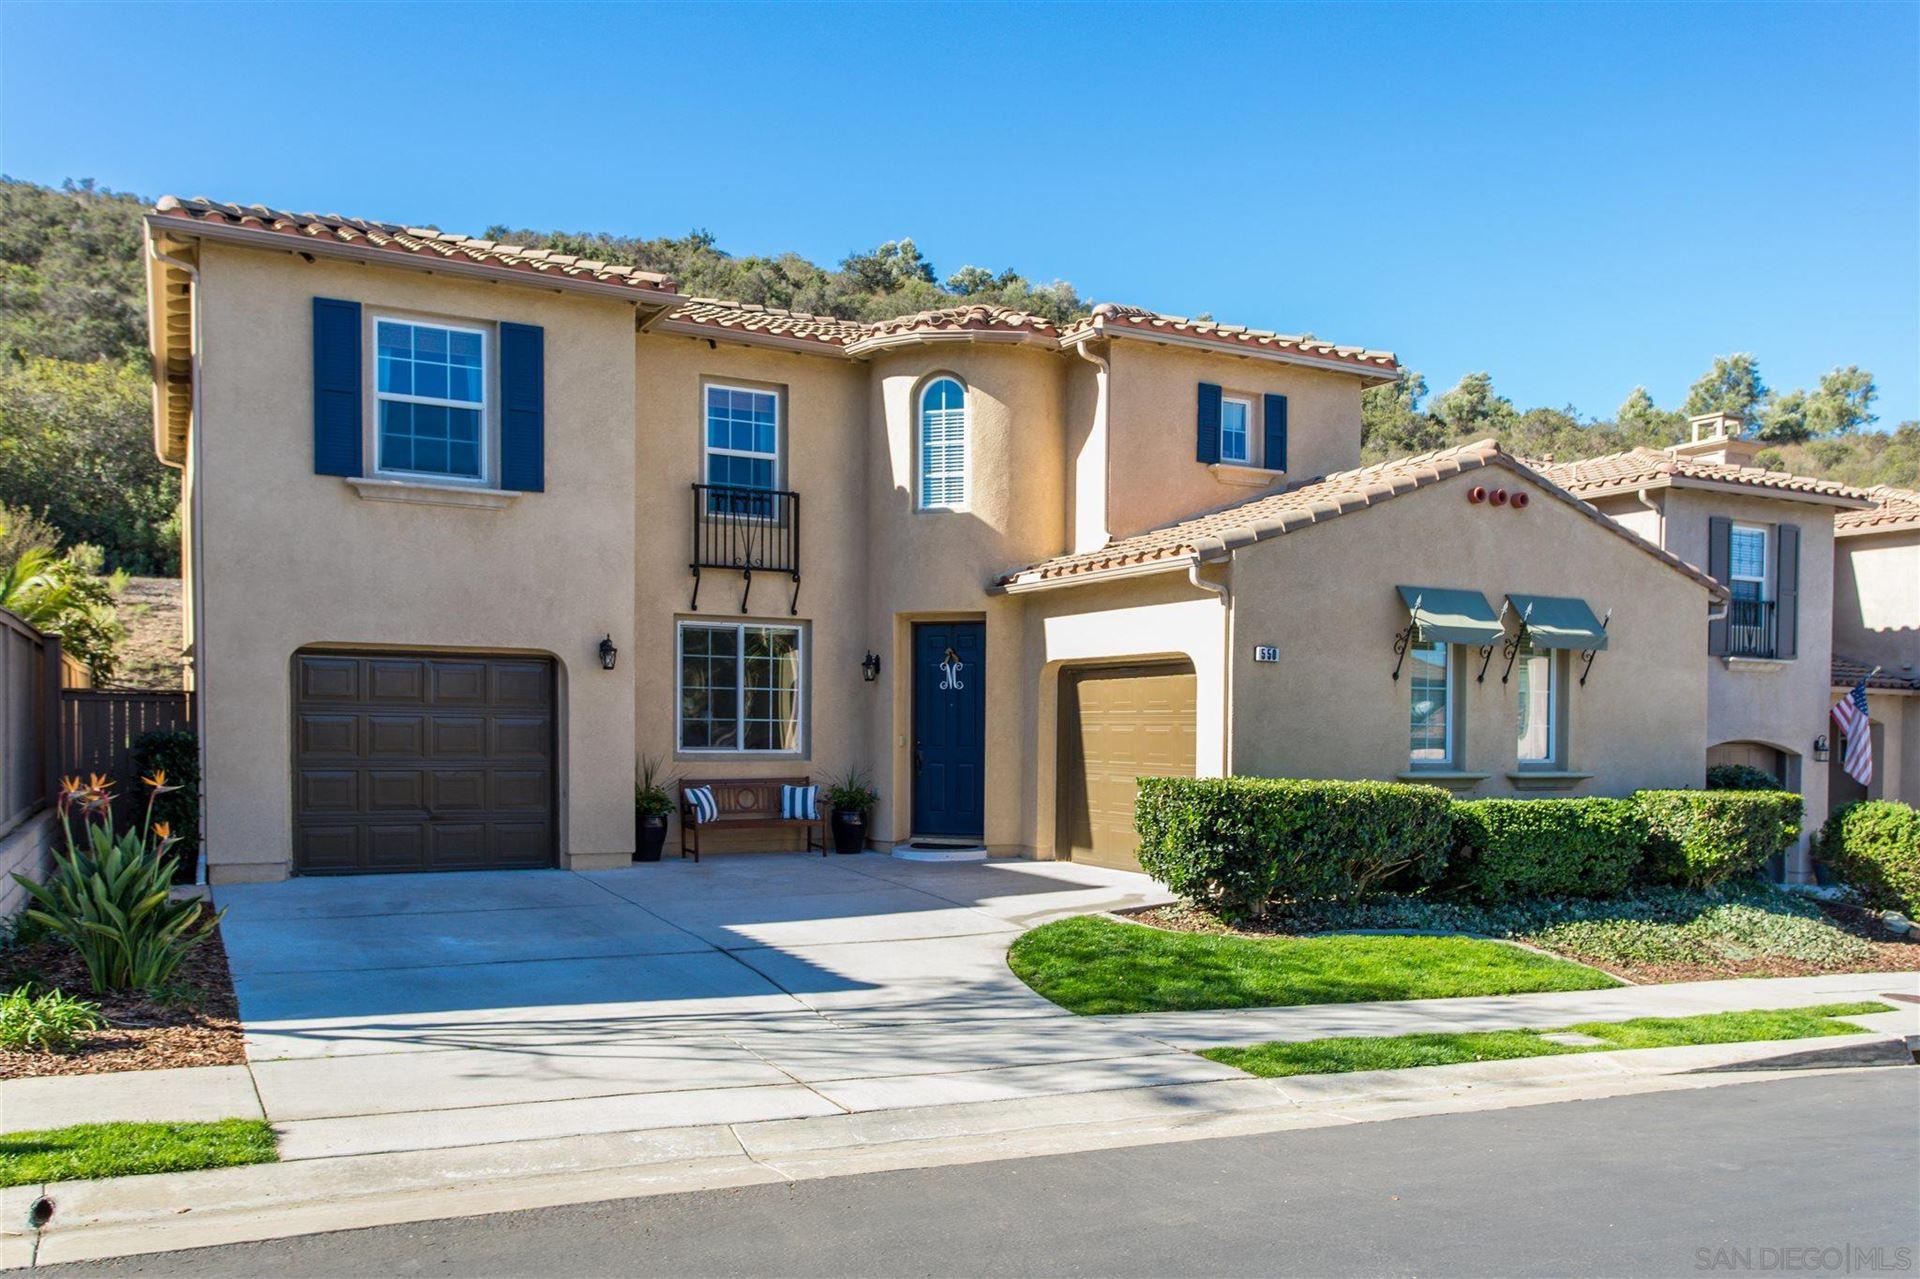 Photo of 550 Via Del Caballo, San Marcos, CA 92078 (MLS # 210001599)